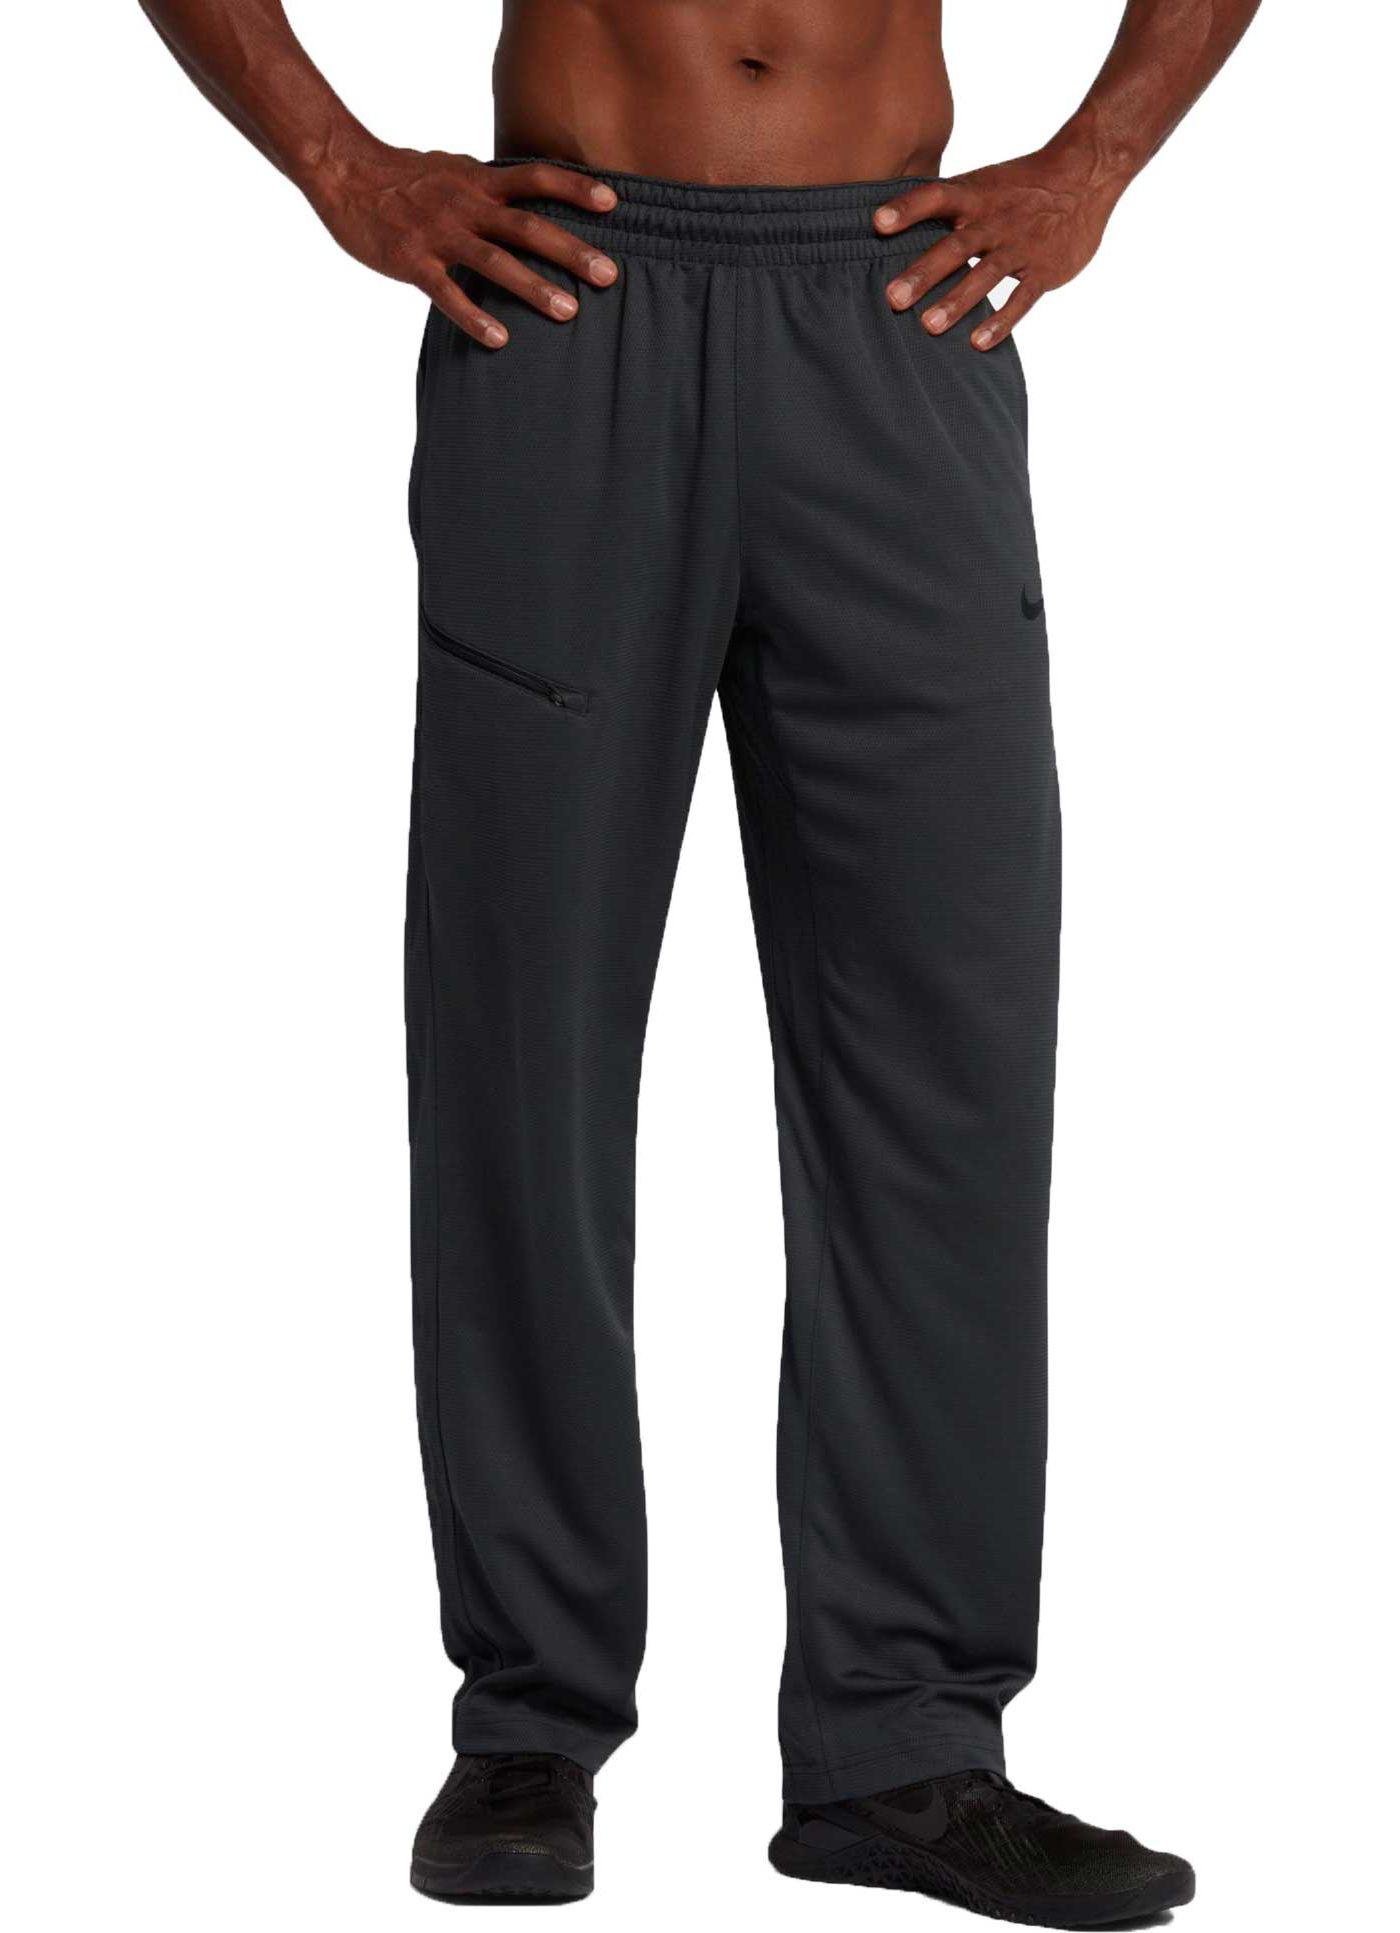 Nike Men's Basketball Pants